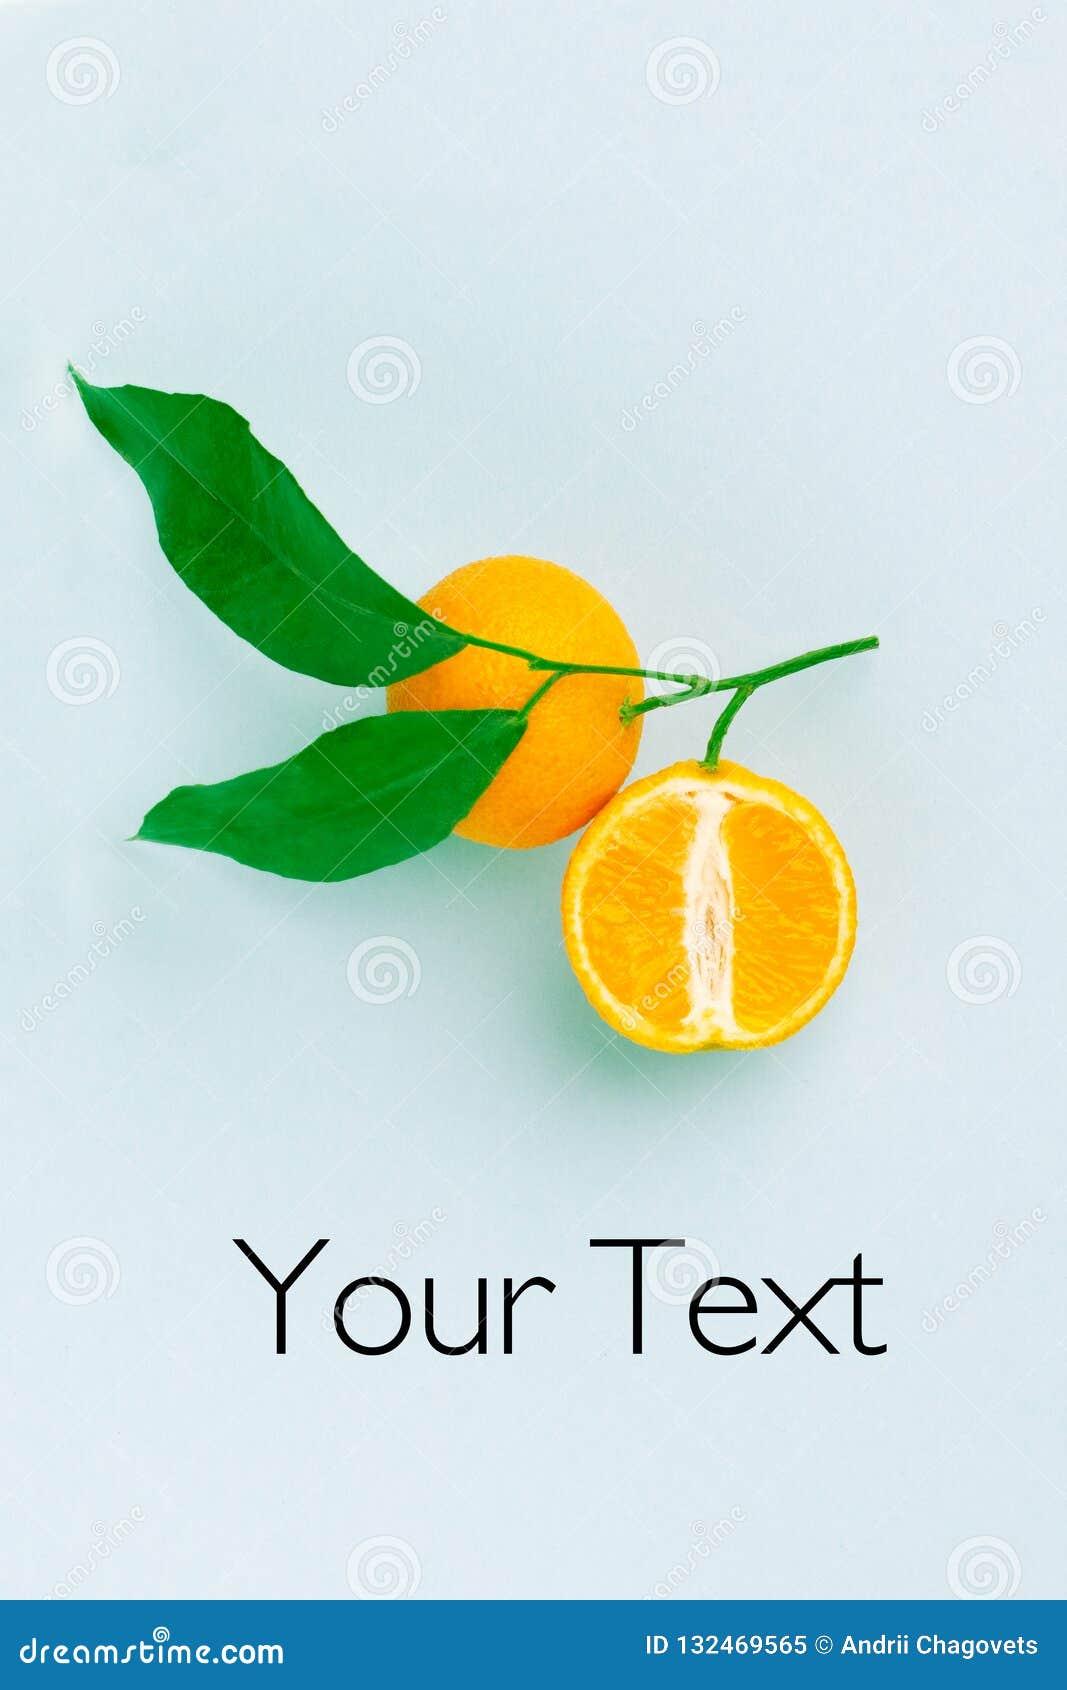 Творческий план плода: оранжевая ветвь с желтыми апельсинами